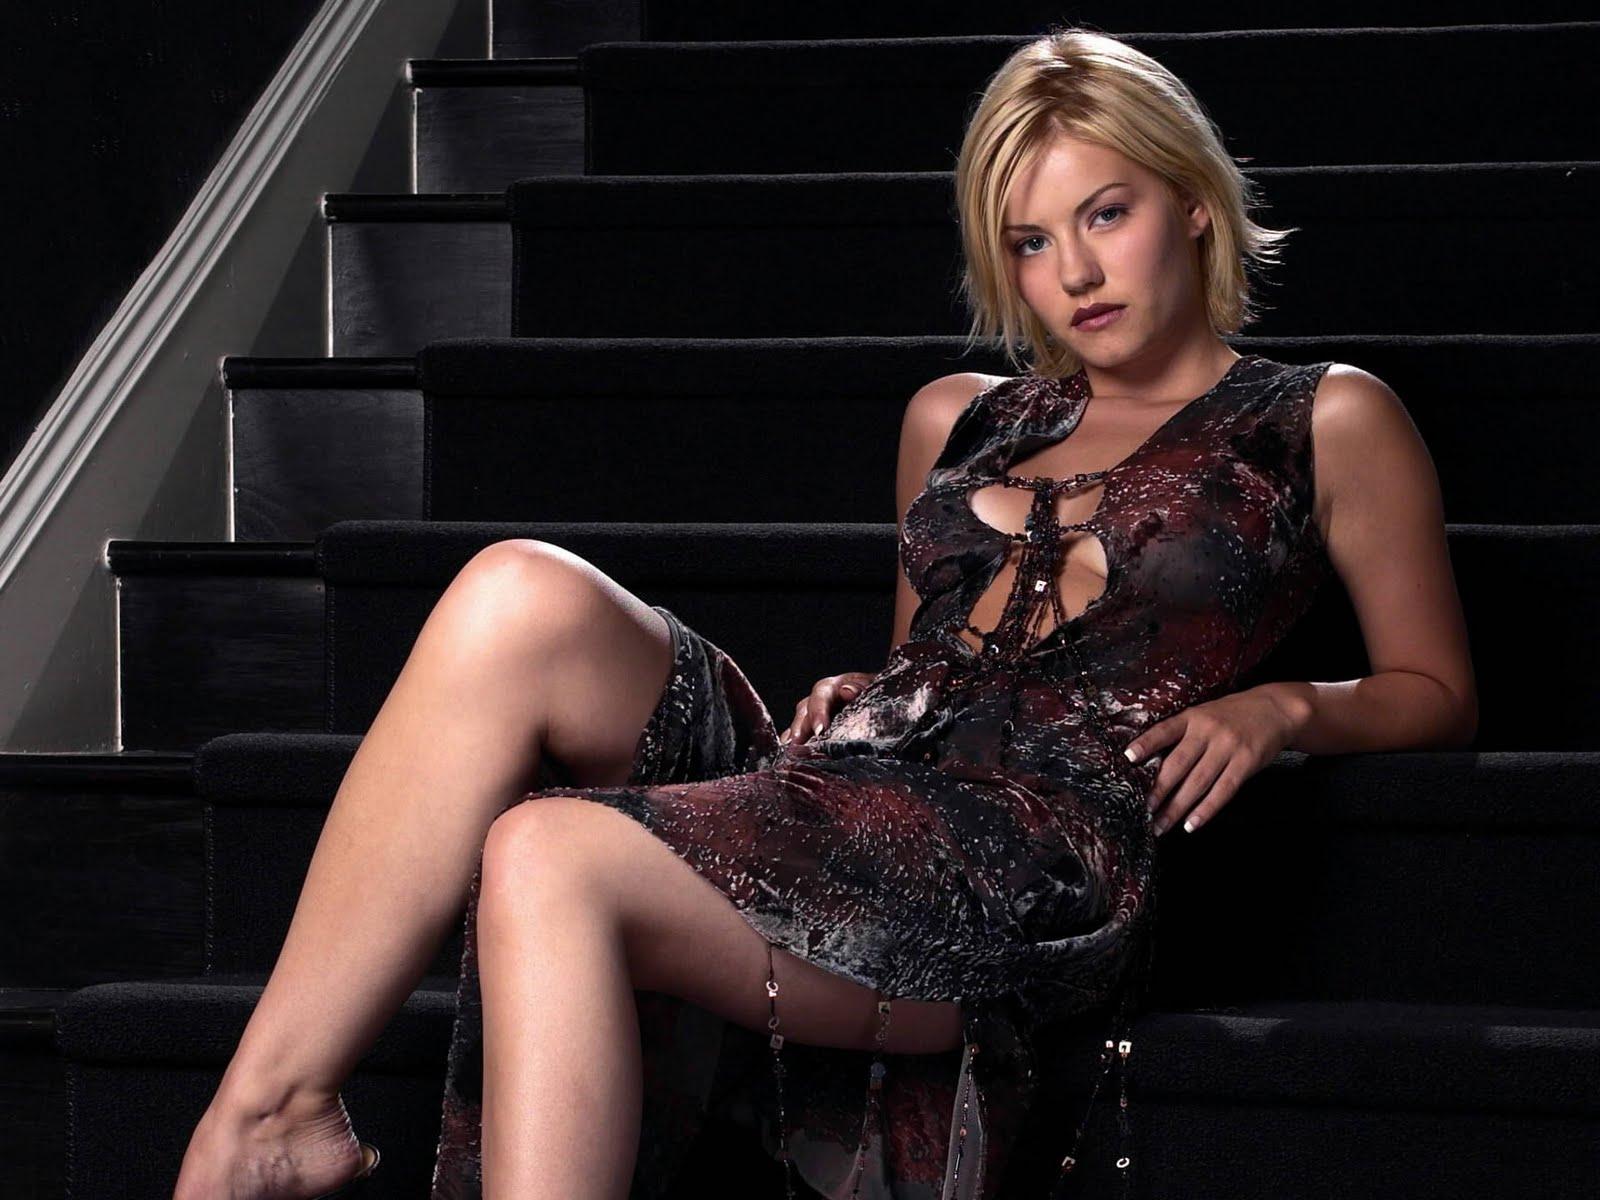 http://3.bp.blogspot.com/-PnPrAKR0Eb0/TYN-mECR8-I/AAAAAAAABao/aDuVSdun75Q/s1600/actress_elisha_cuthbert_hot_wallpaper_24.jpg